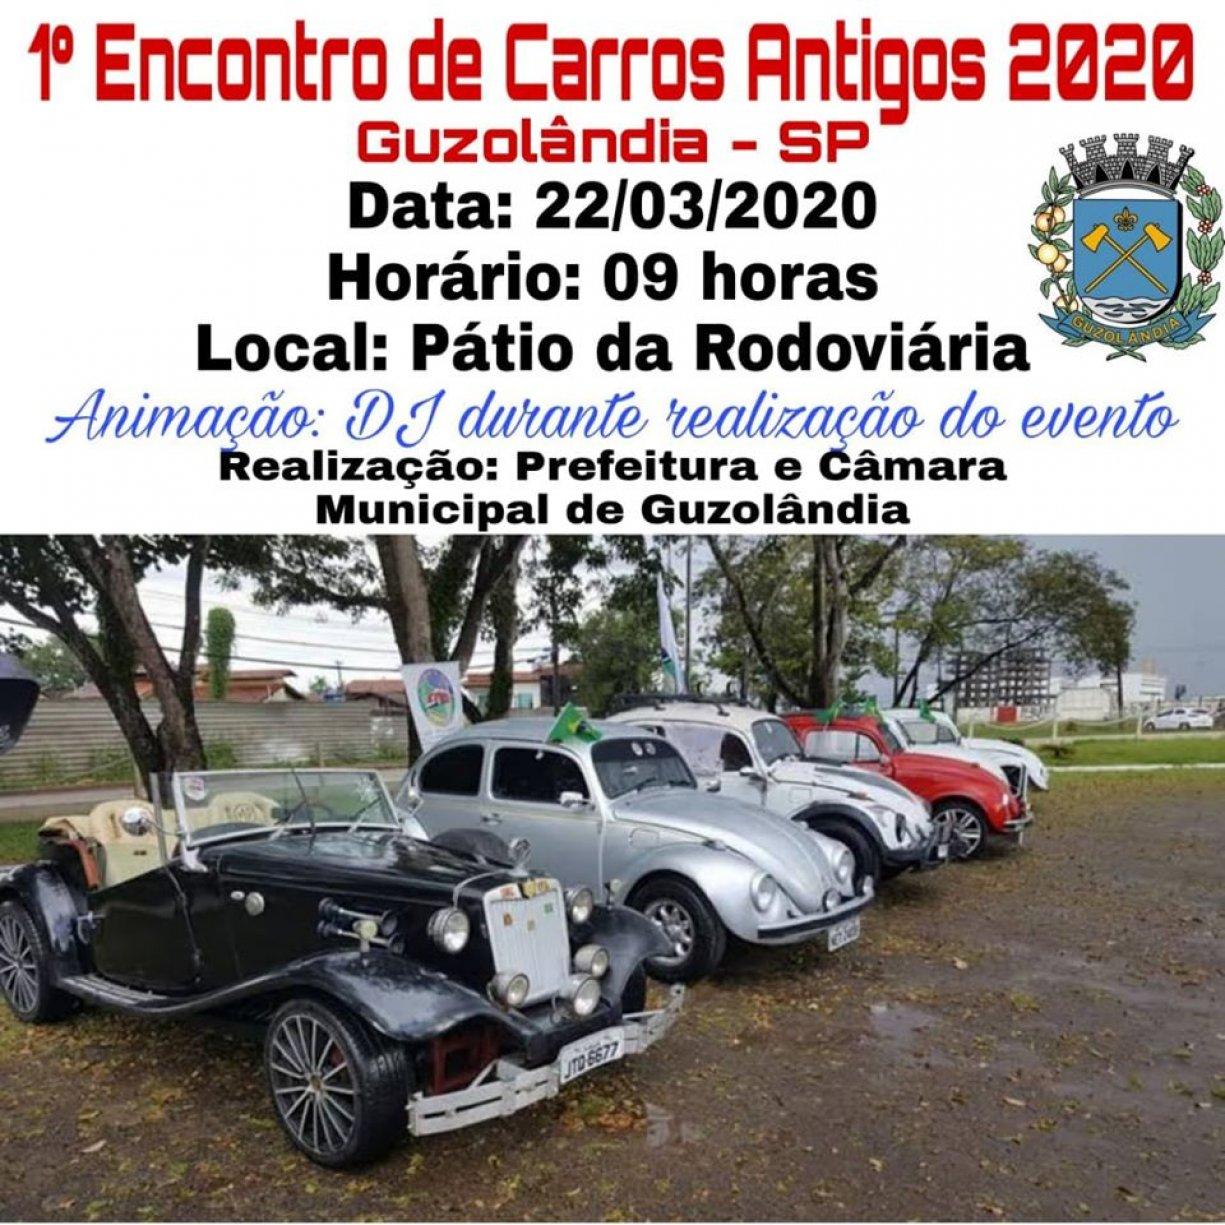 1º Encontro de Carros Antigos 2020